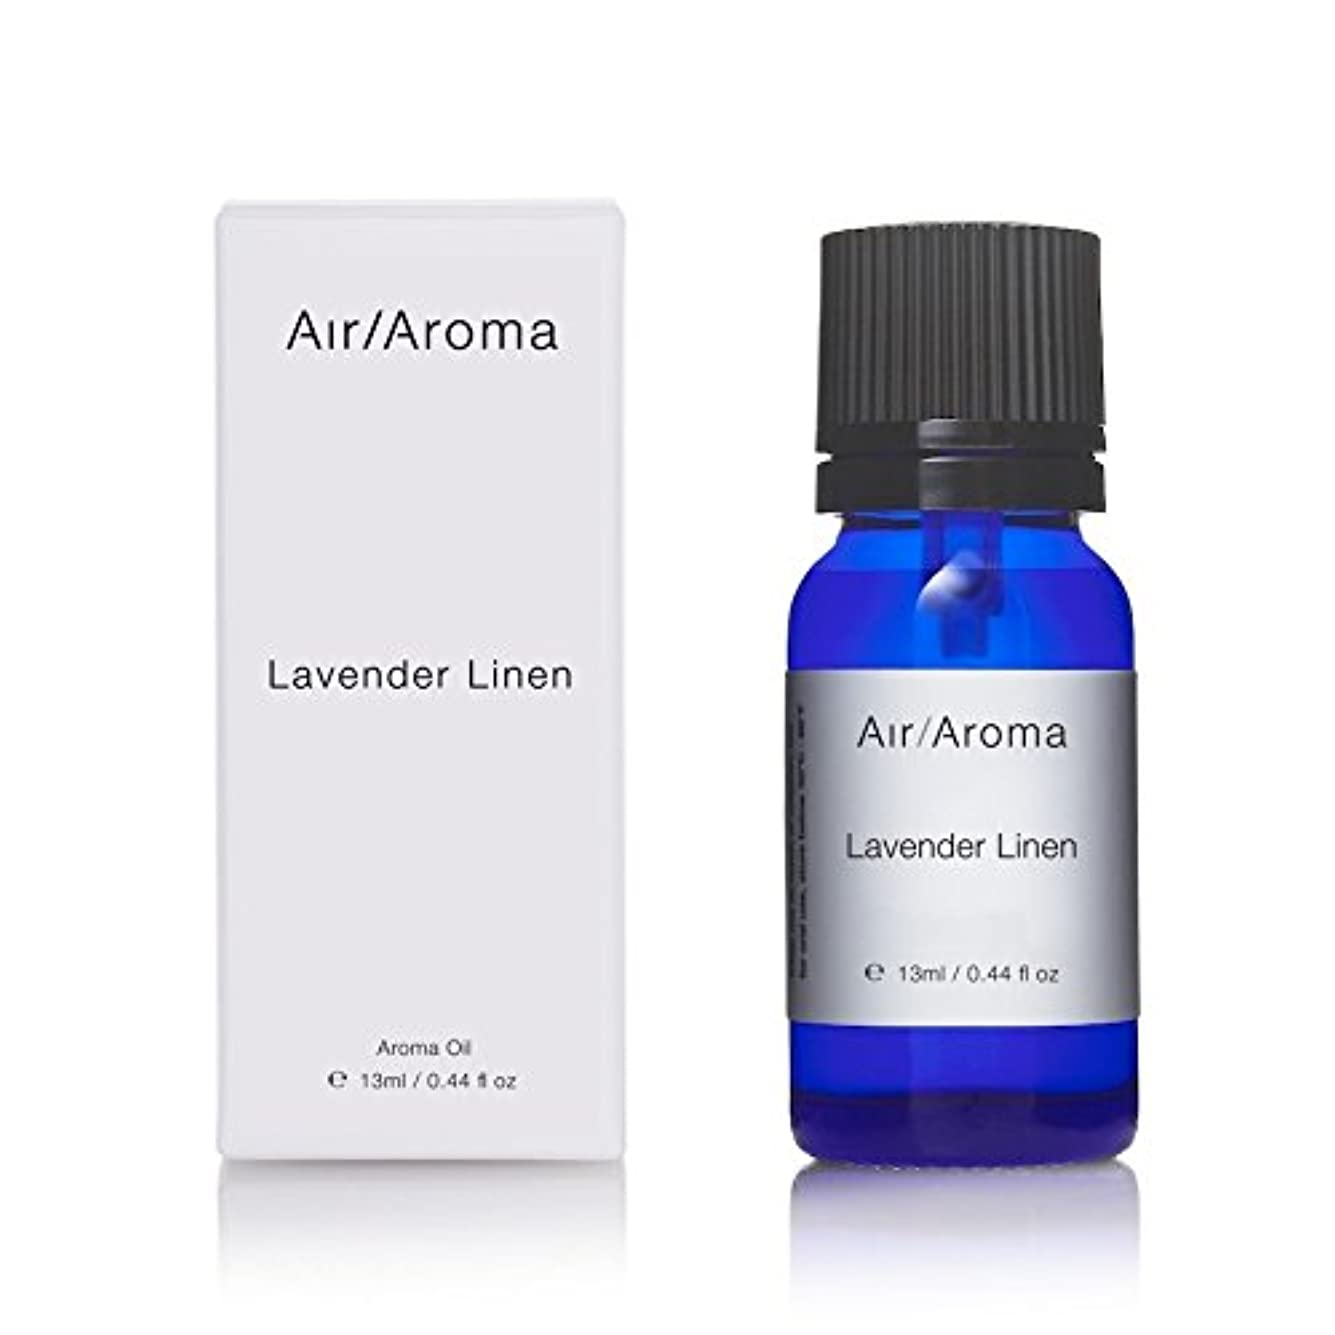 イノセンスアナログ友だちエアアロマ lavender linen (ラベンダーリネン) 13ml